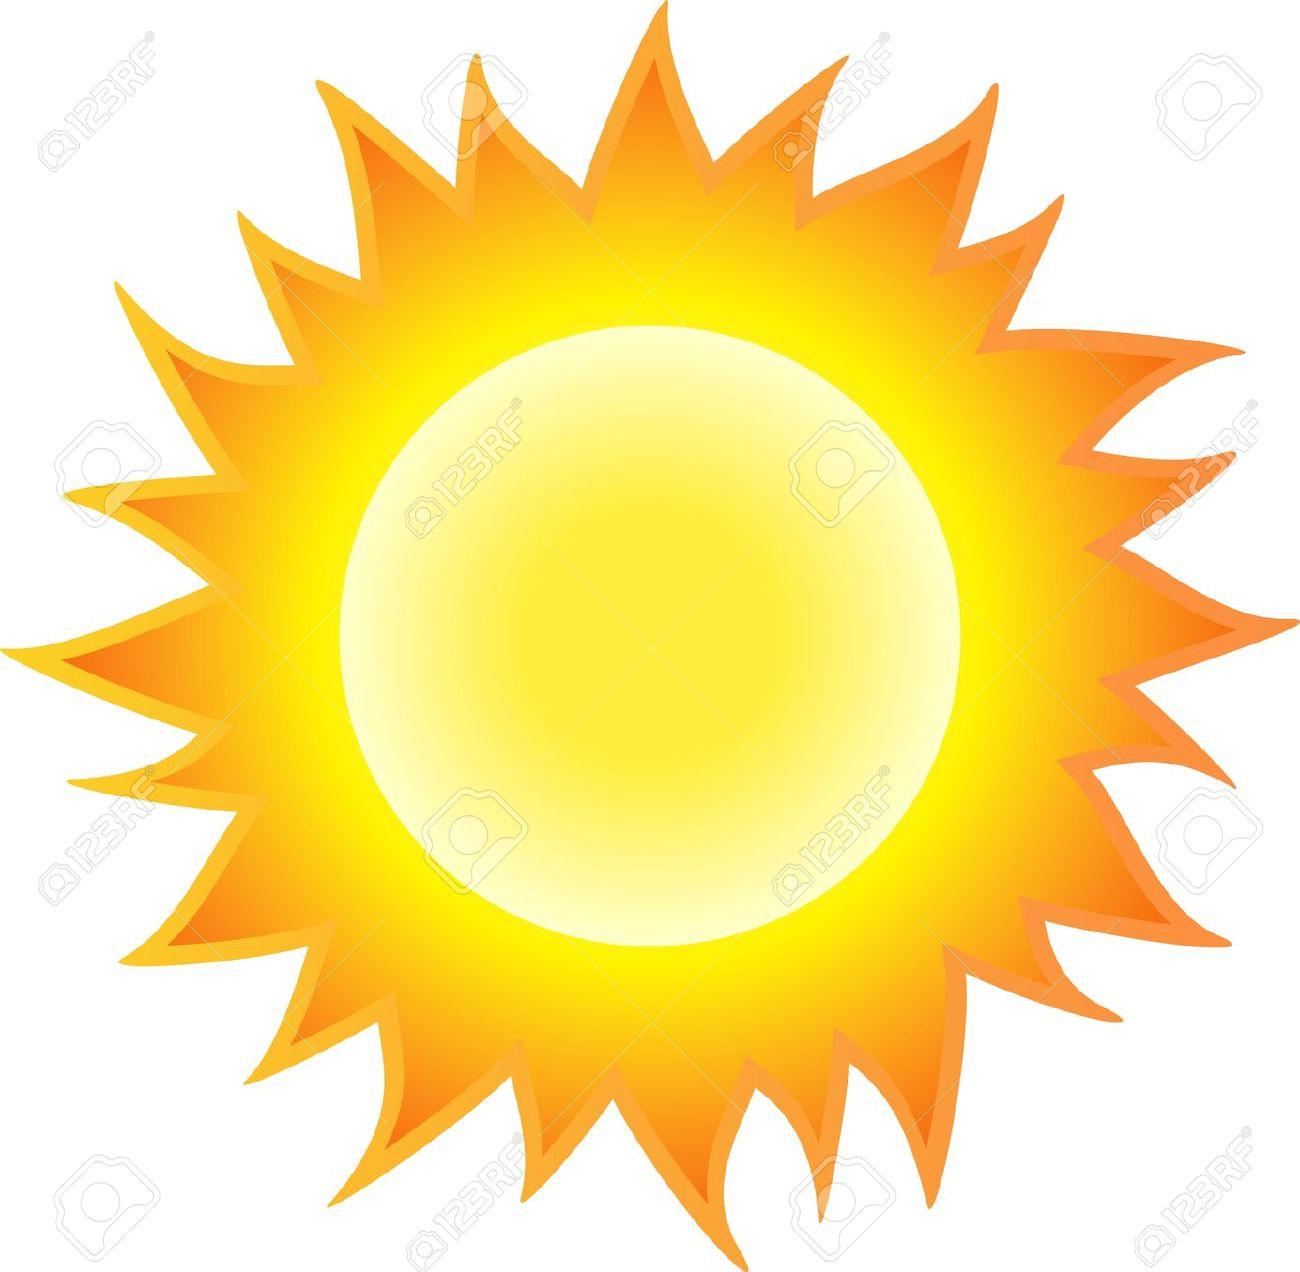 The sun clipart.